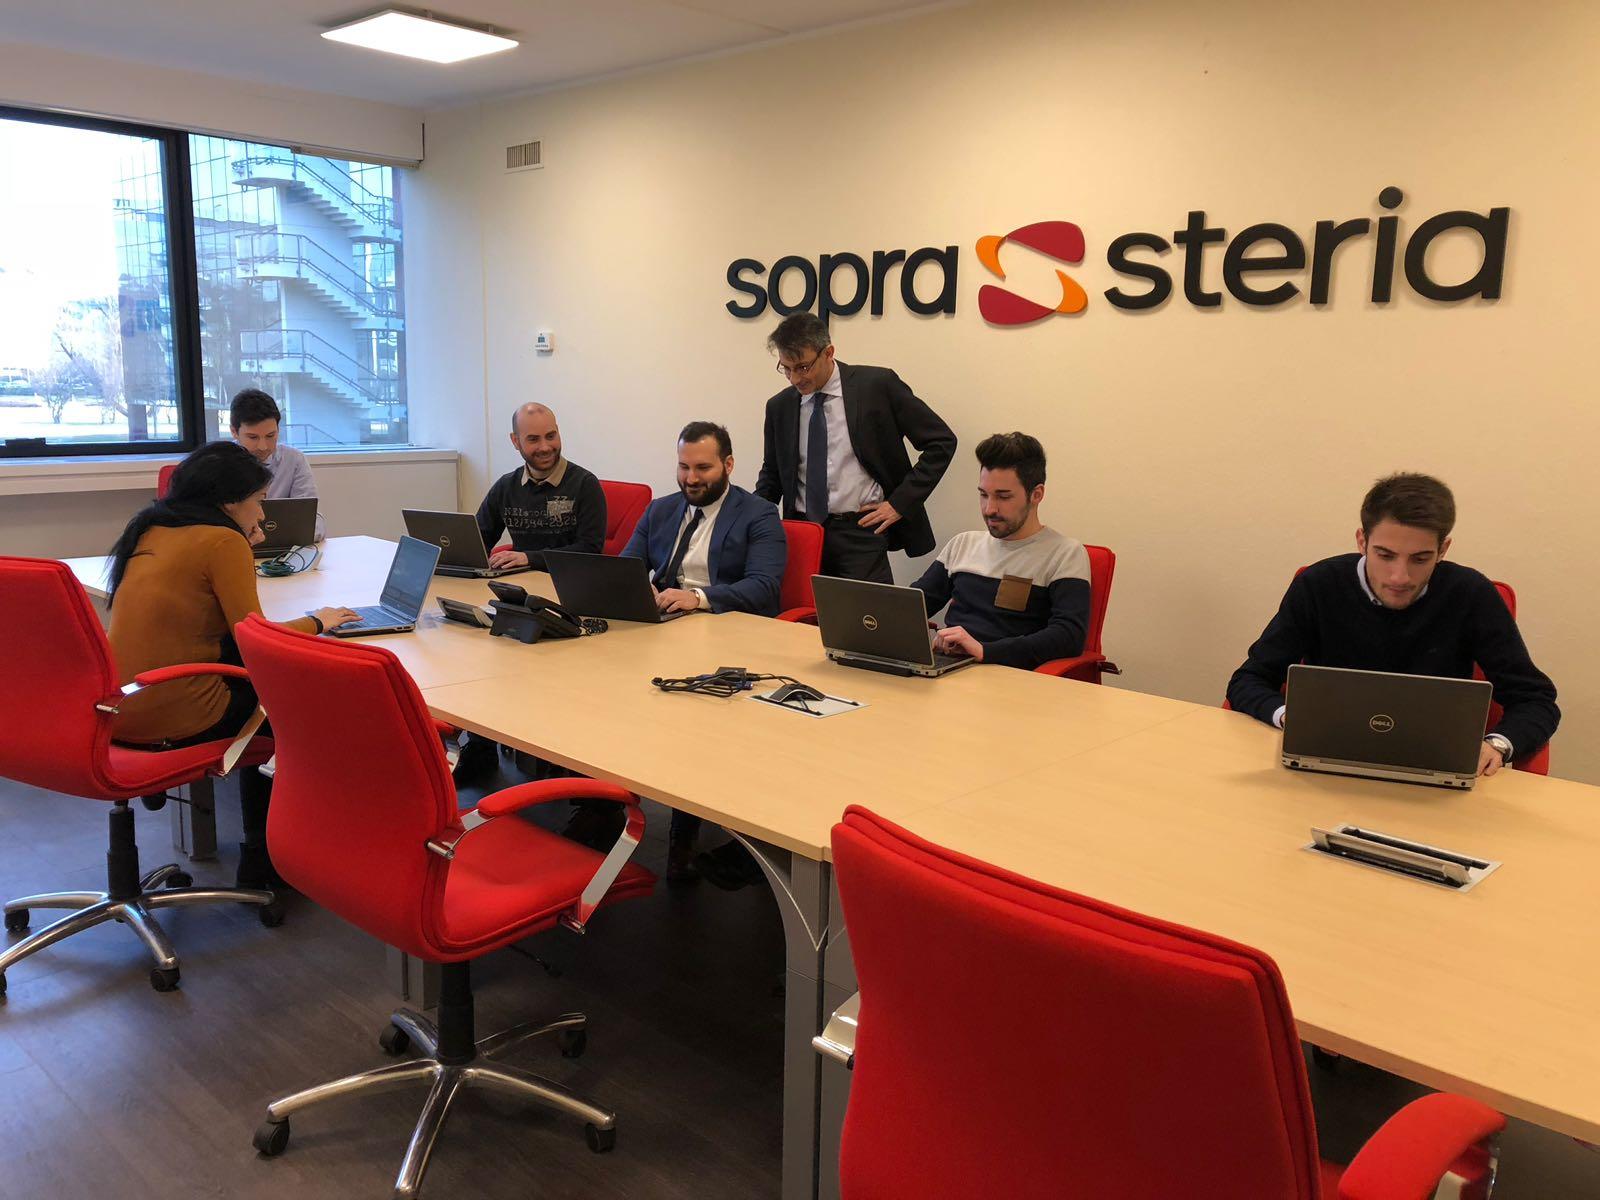 Sopra Steria Recruiting